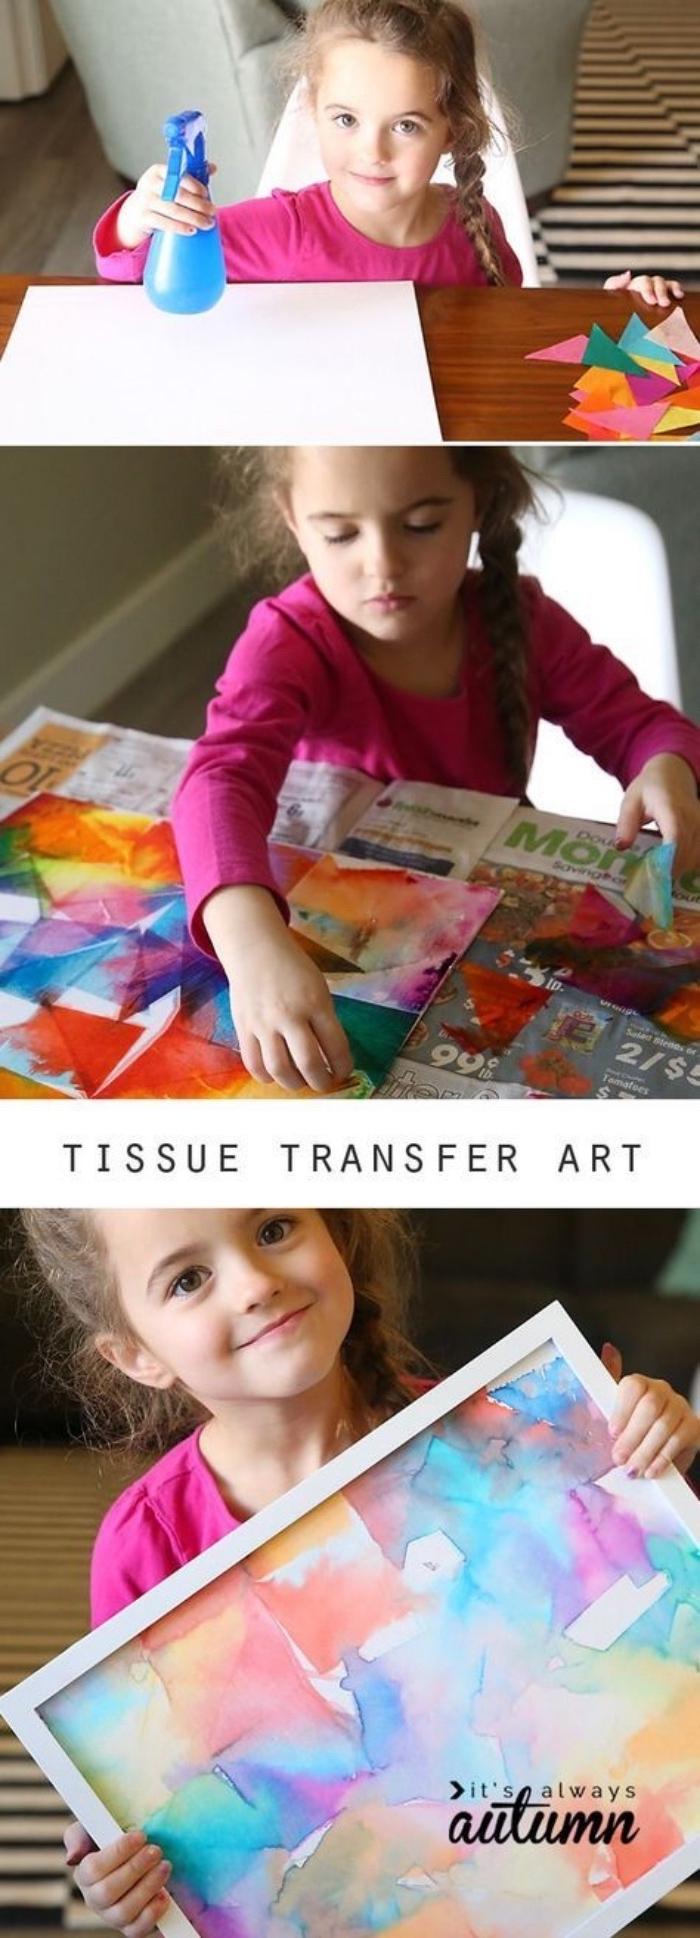 precioso dibujo infantil hecho con pinturas acuarela en colores pasteles, manualdiades desde casa super divertidas